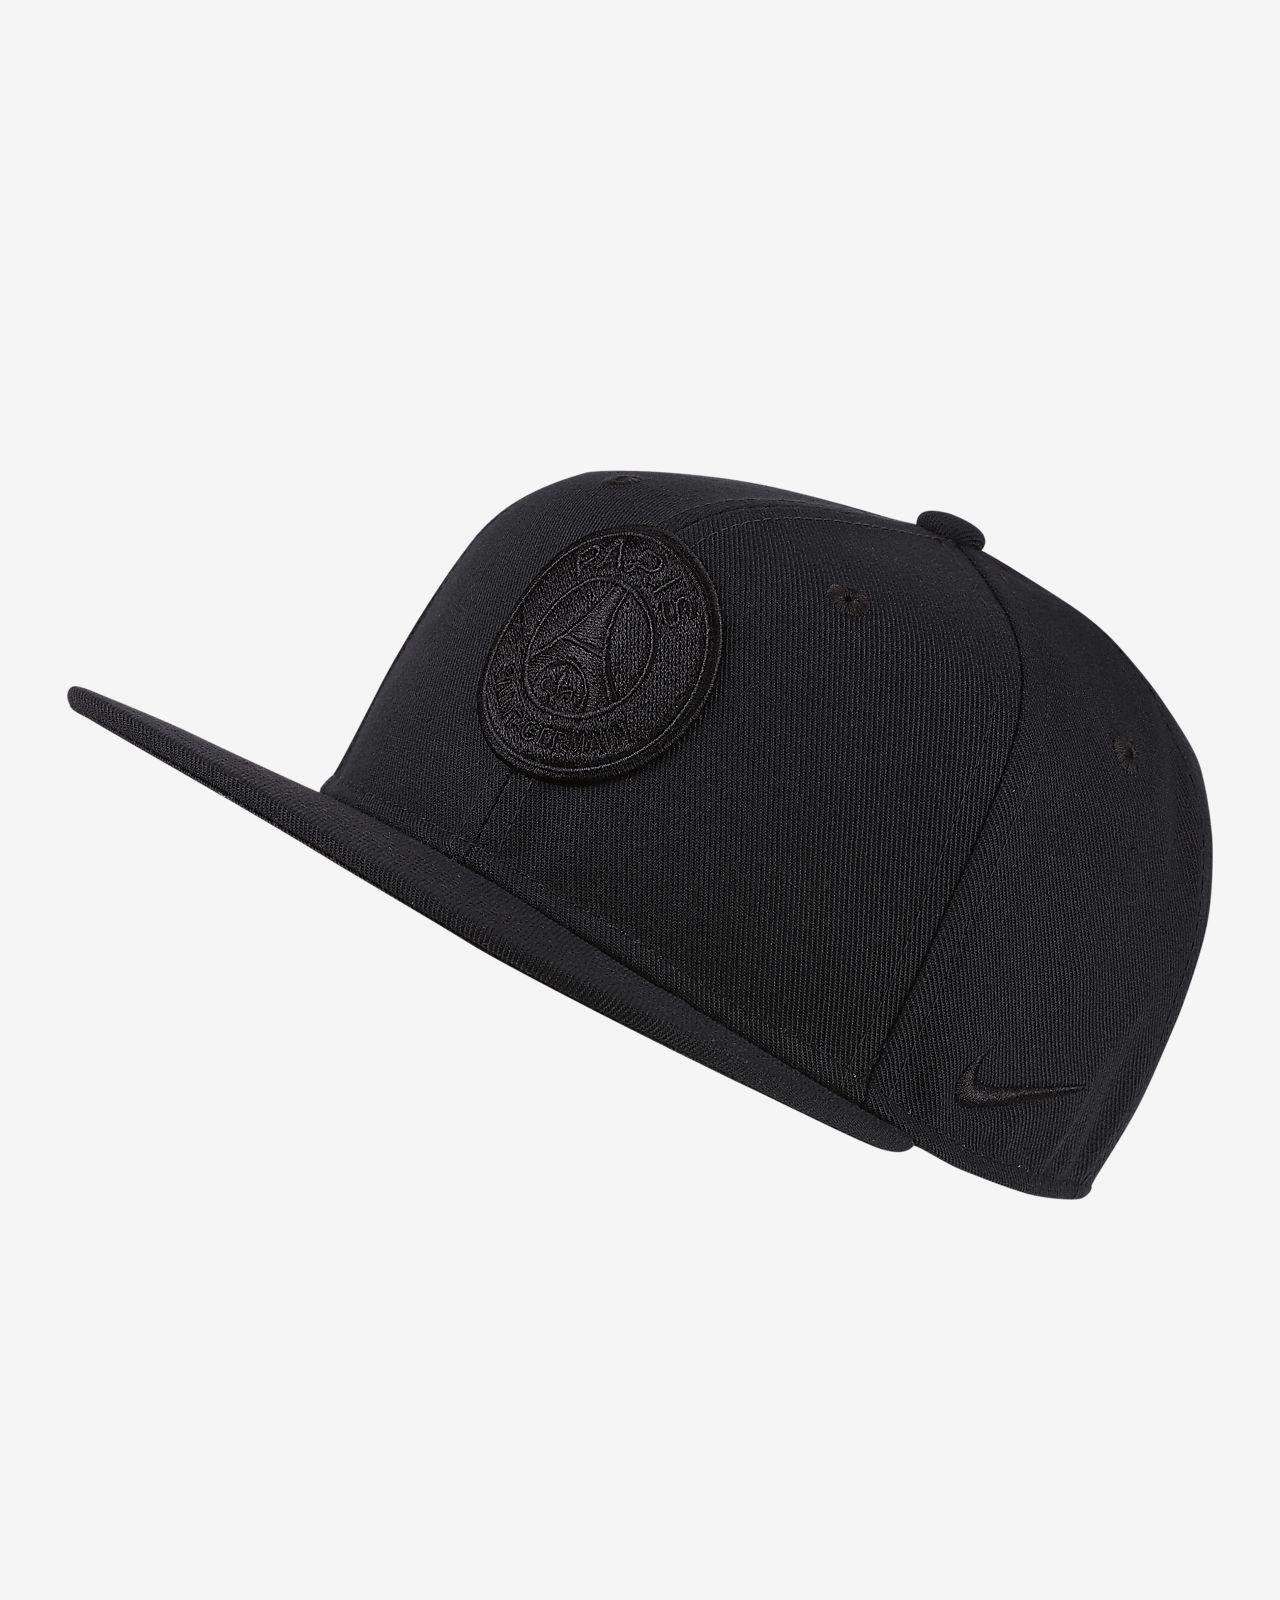 Ρυθμιζόμενο καπέλο Nike Pro Paris Saint-Germain για μεγάλα παιδιά